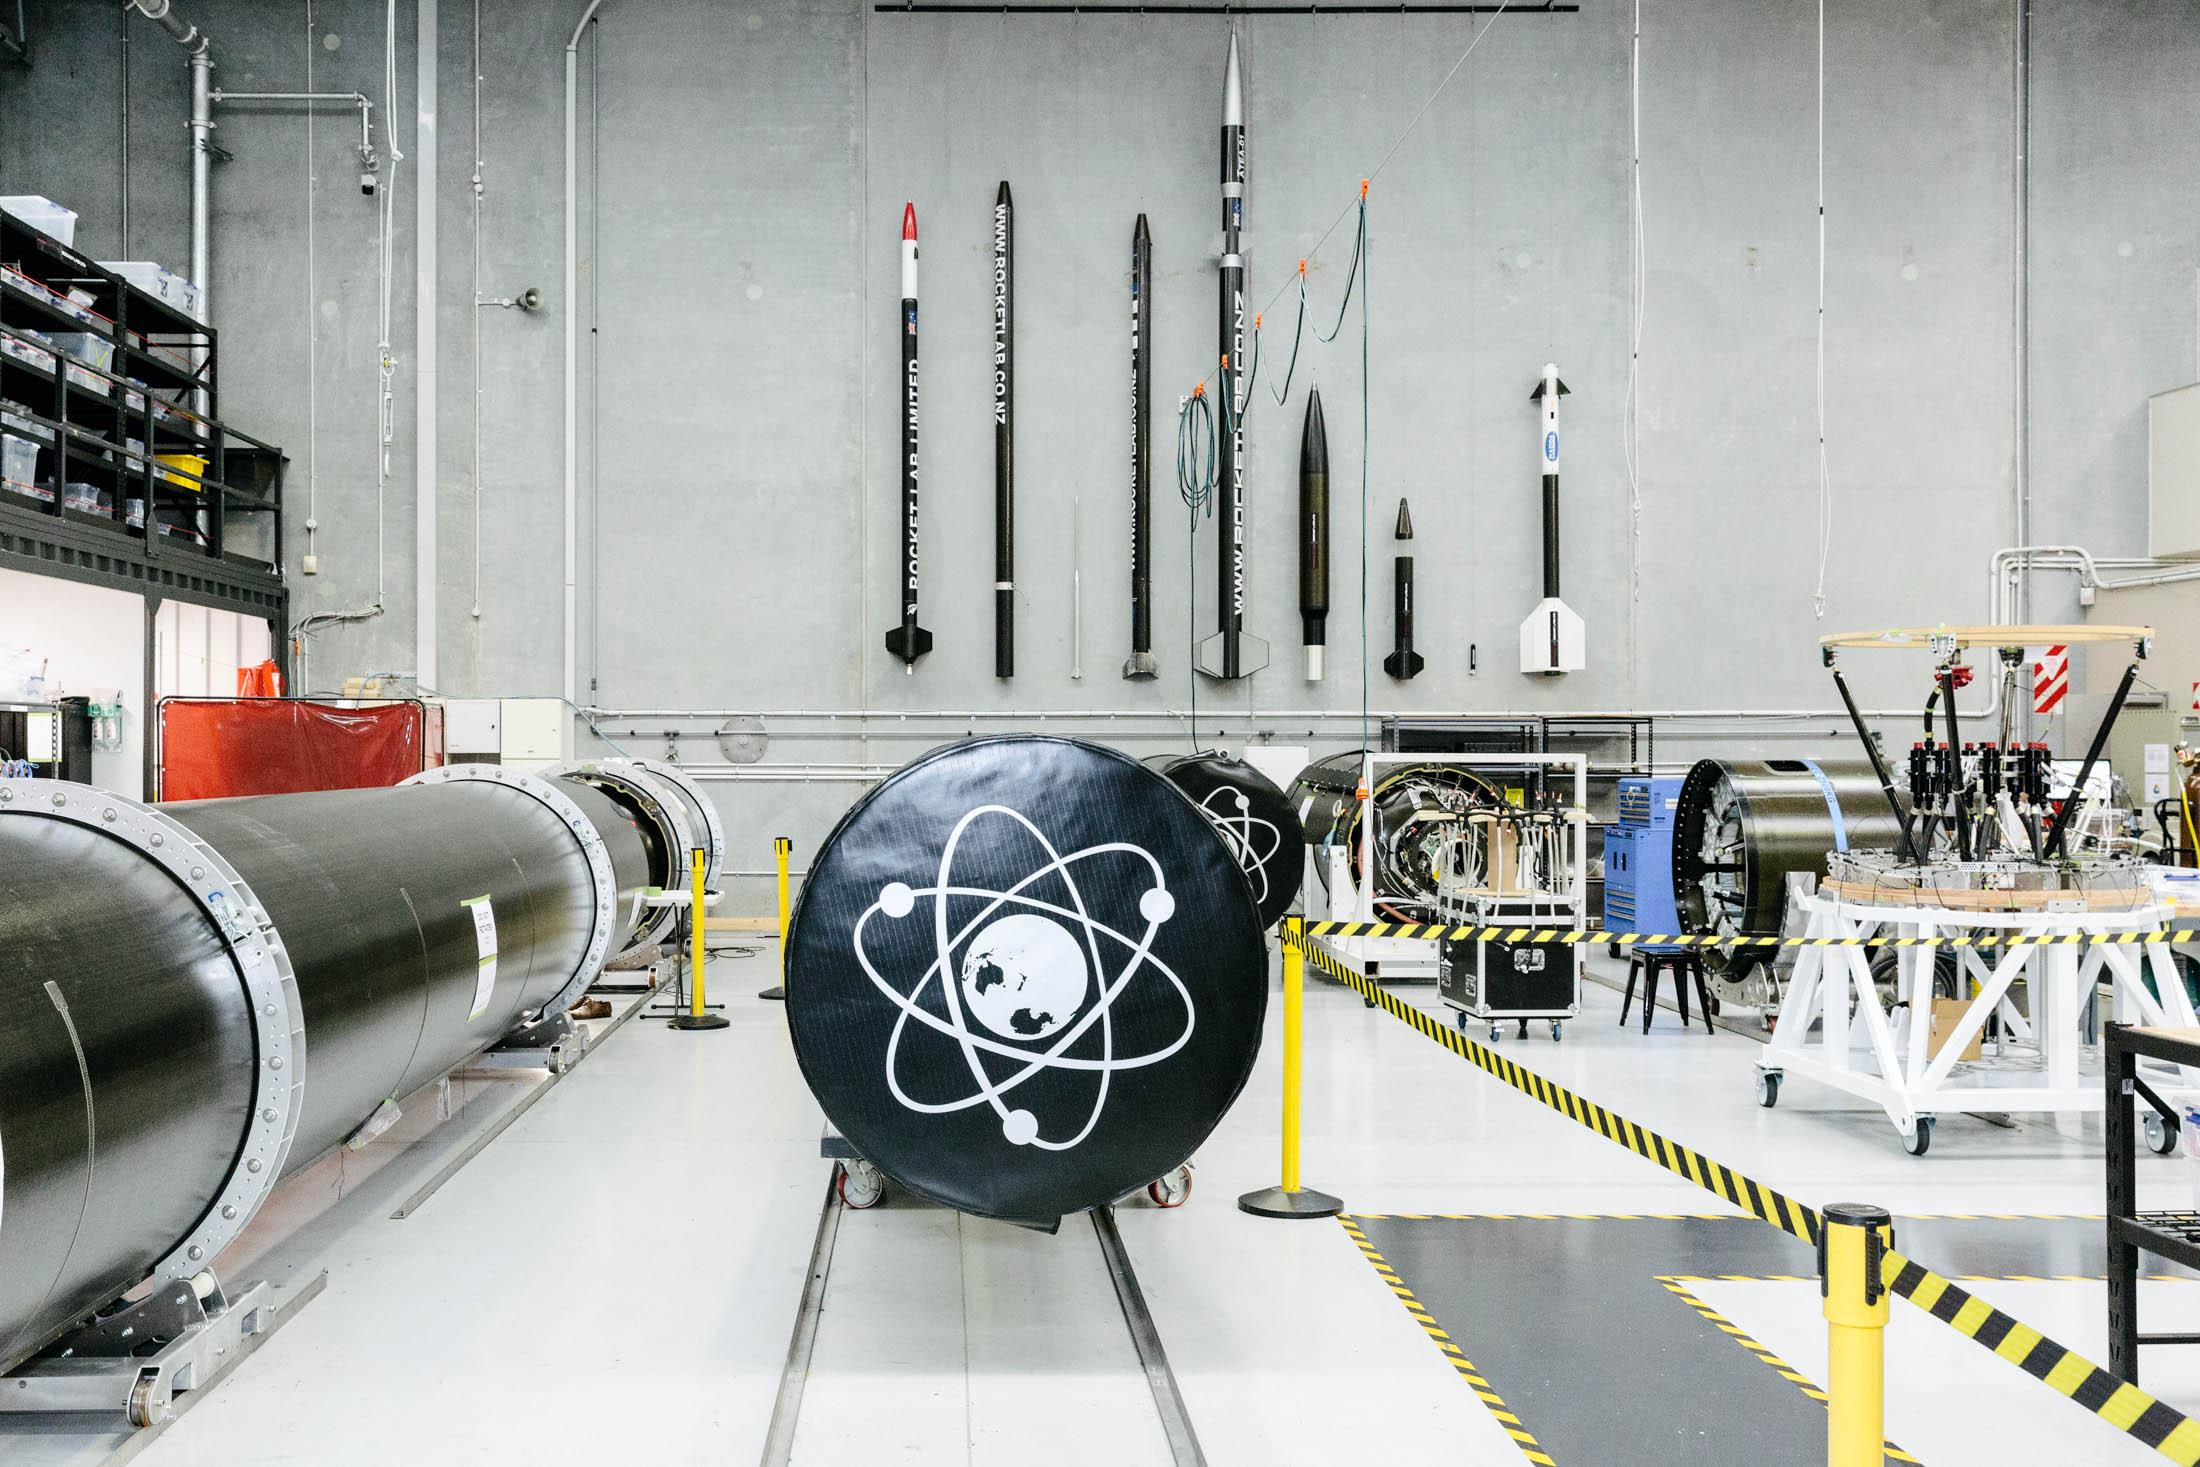 Новозеландец сделал дешёвую ракету из углеволокна и будет запускать мини-спутники - 1